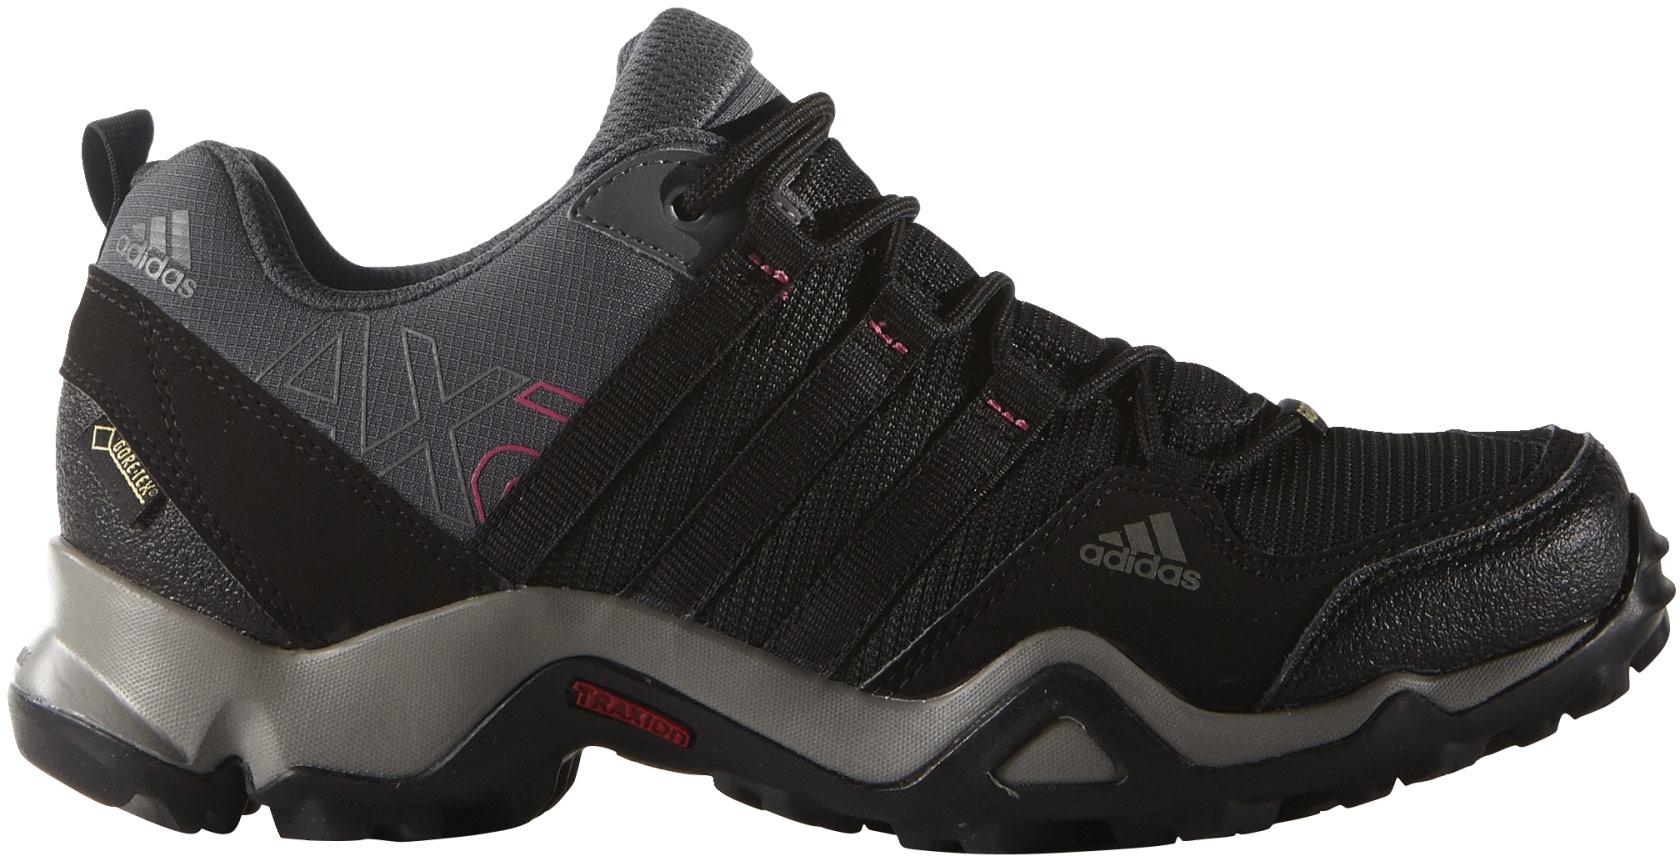 Adidas Chaussures Ax2 adidas Multisports Gtx Gtx eH9YD2EWI